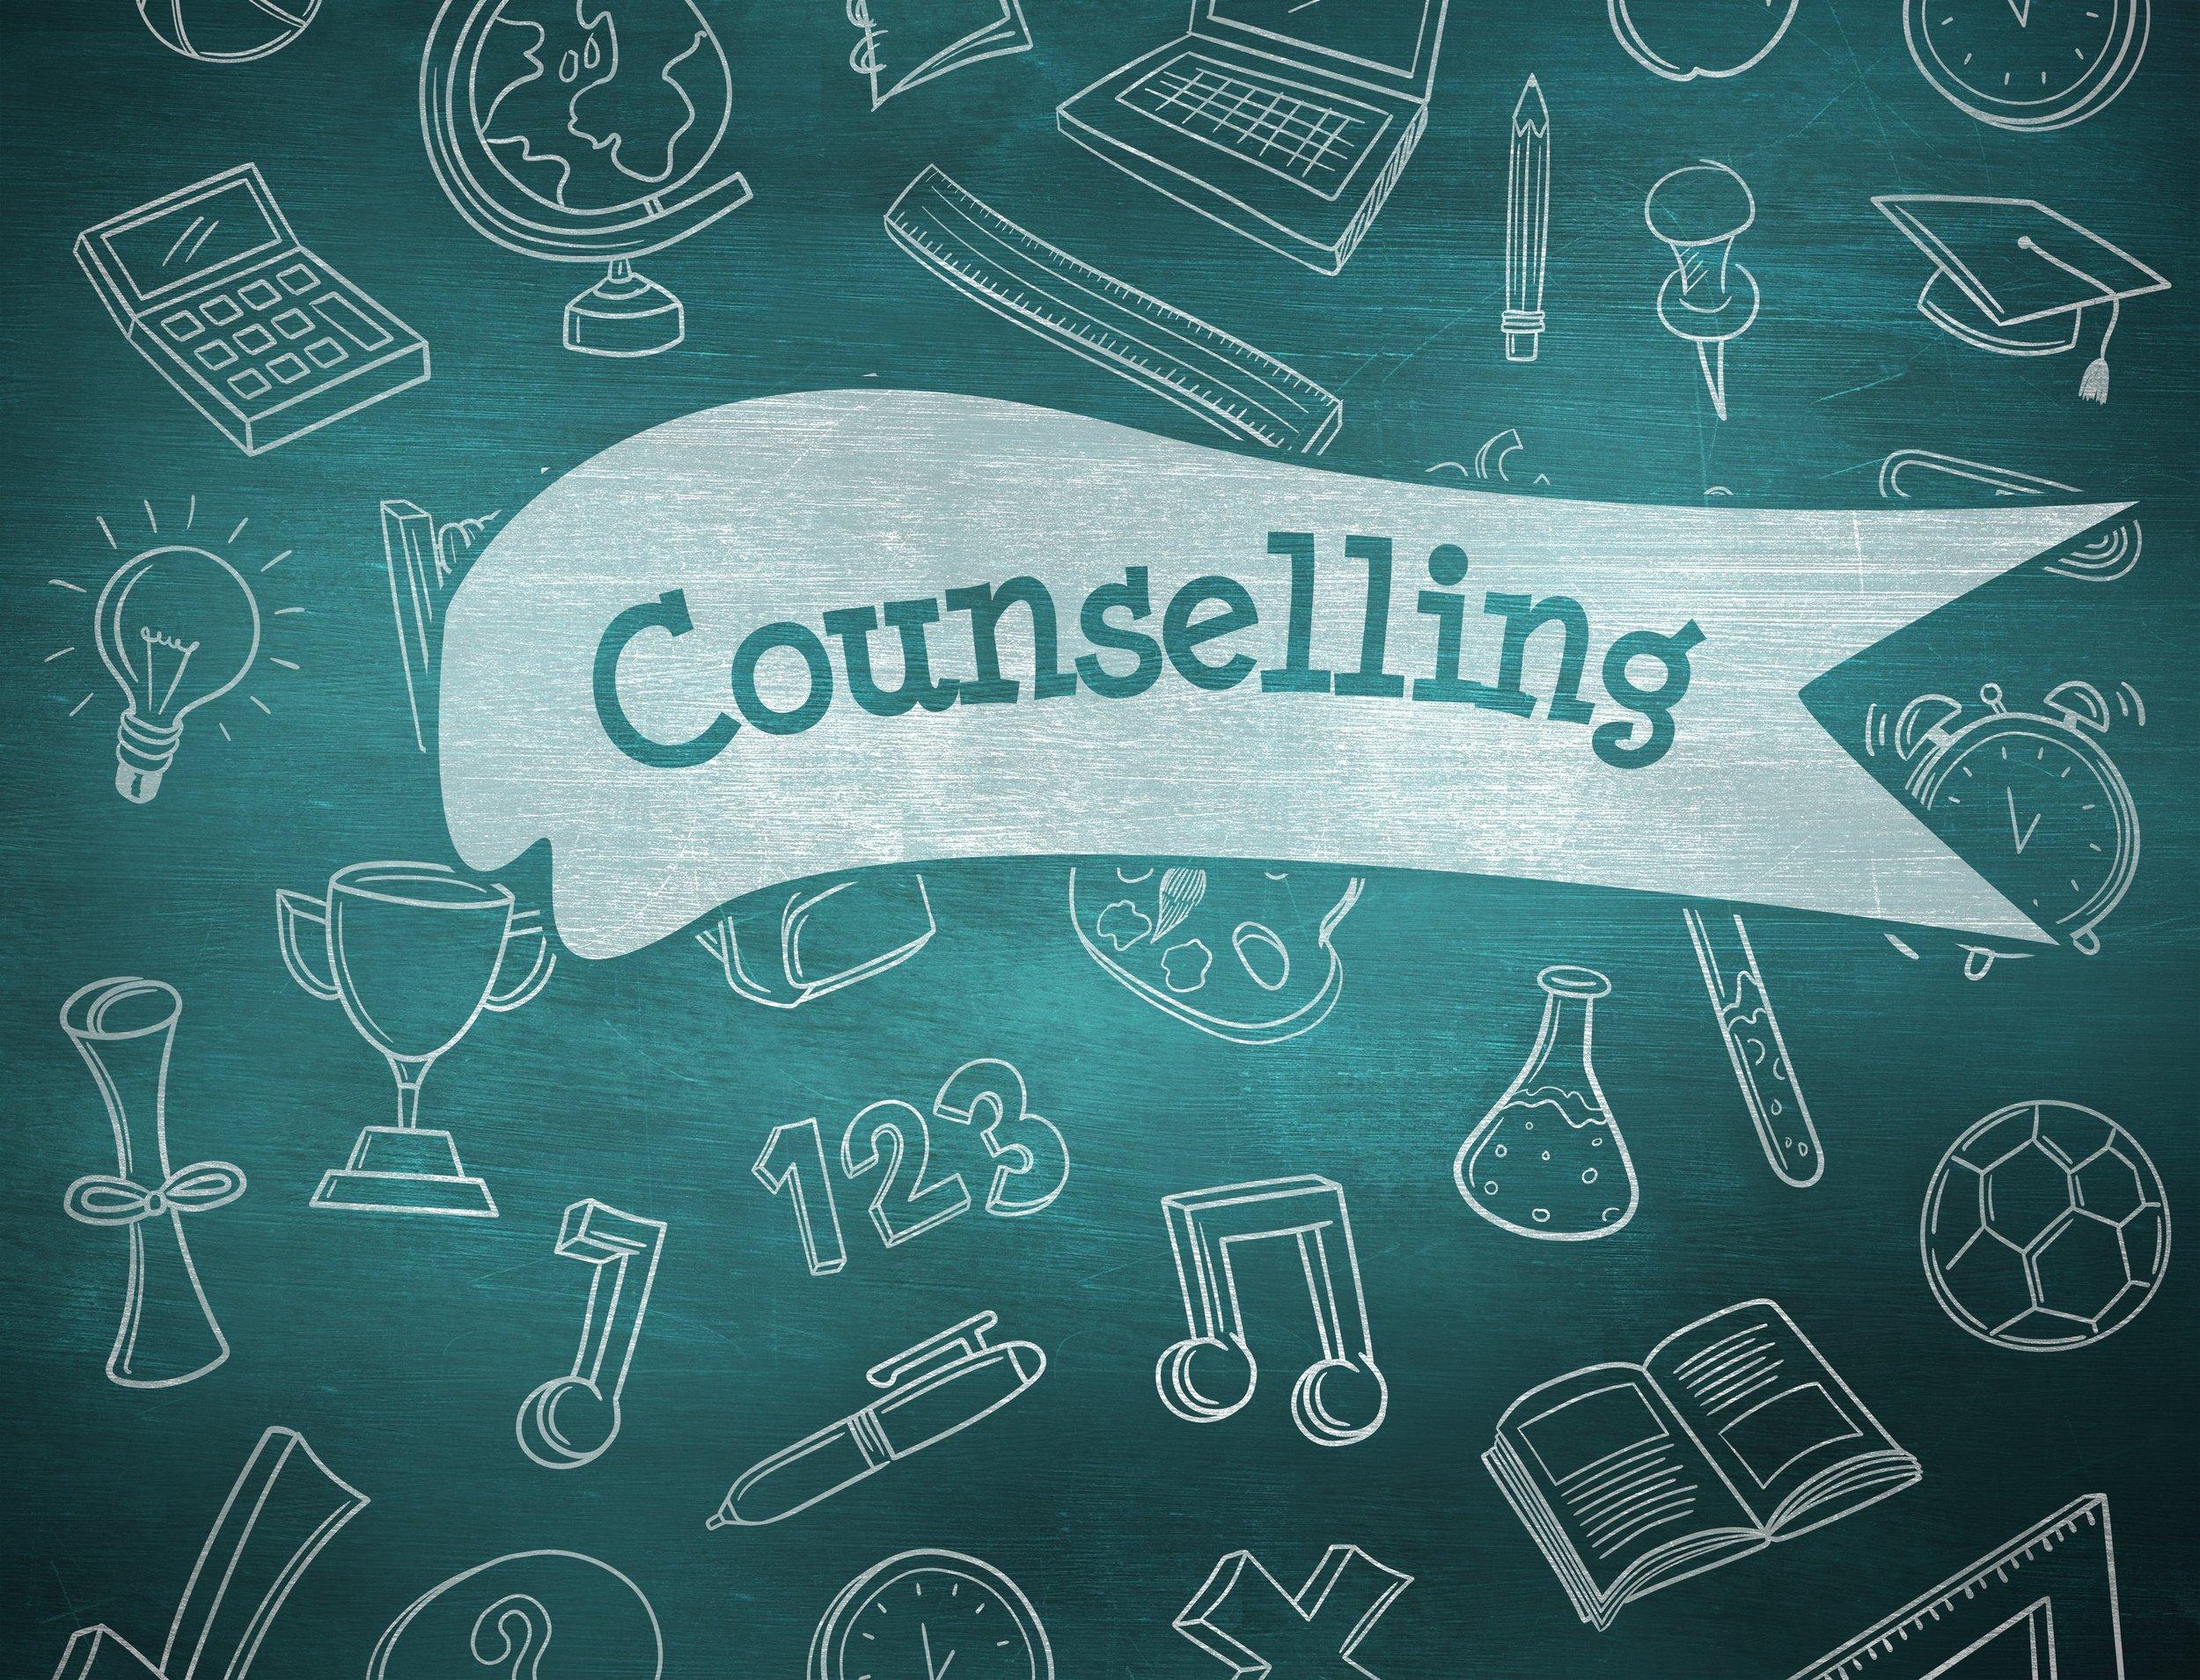 counseling_chalkboard.jpg